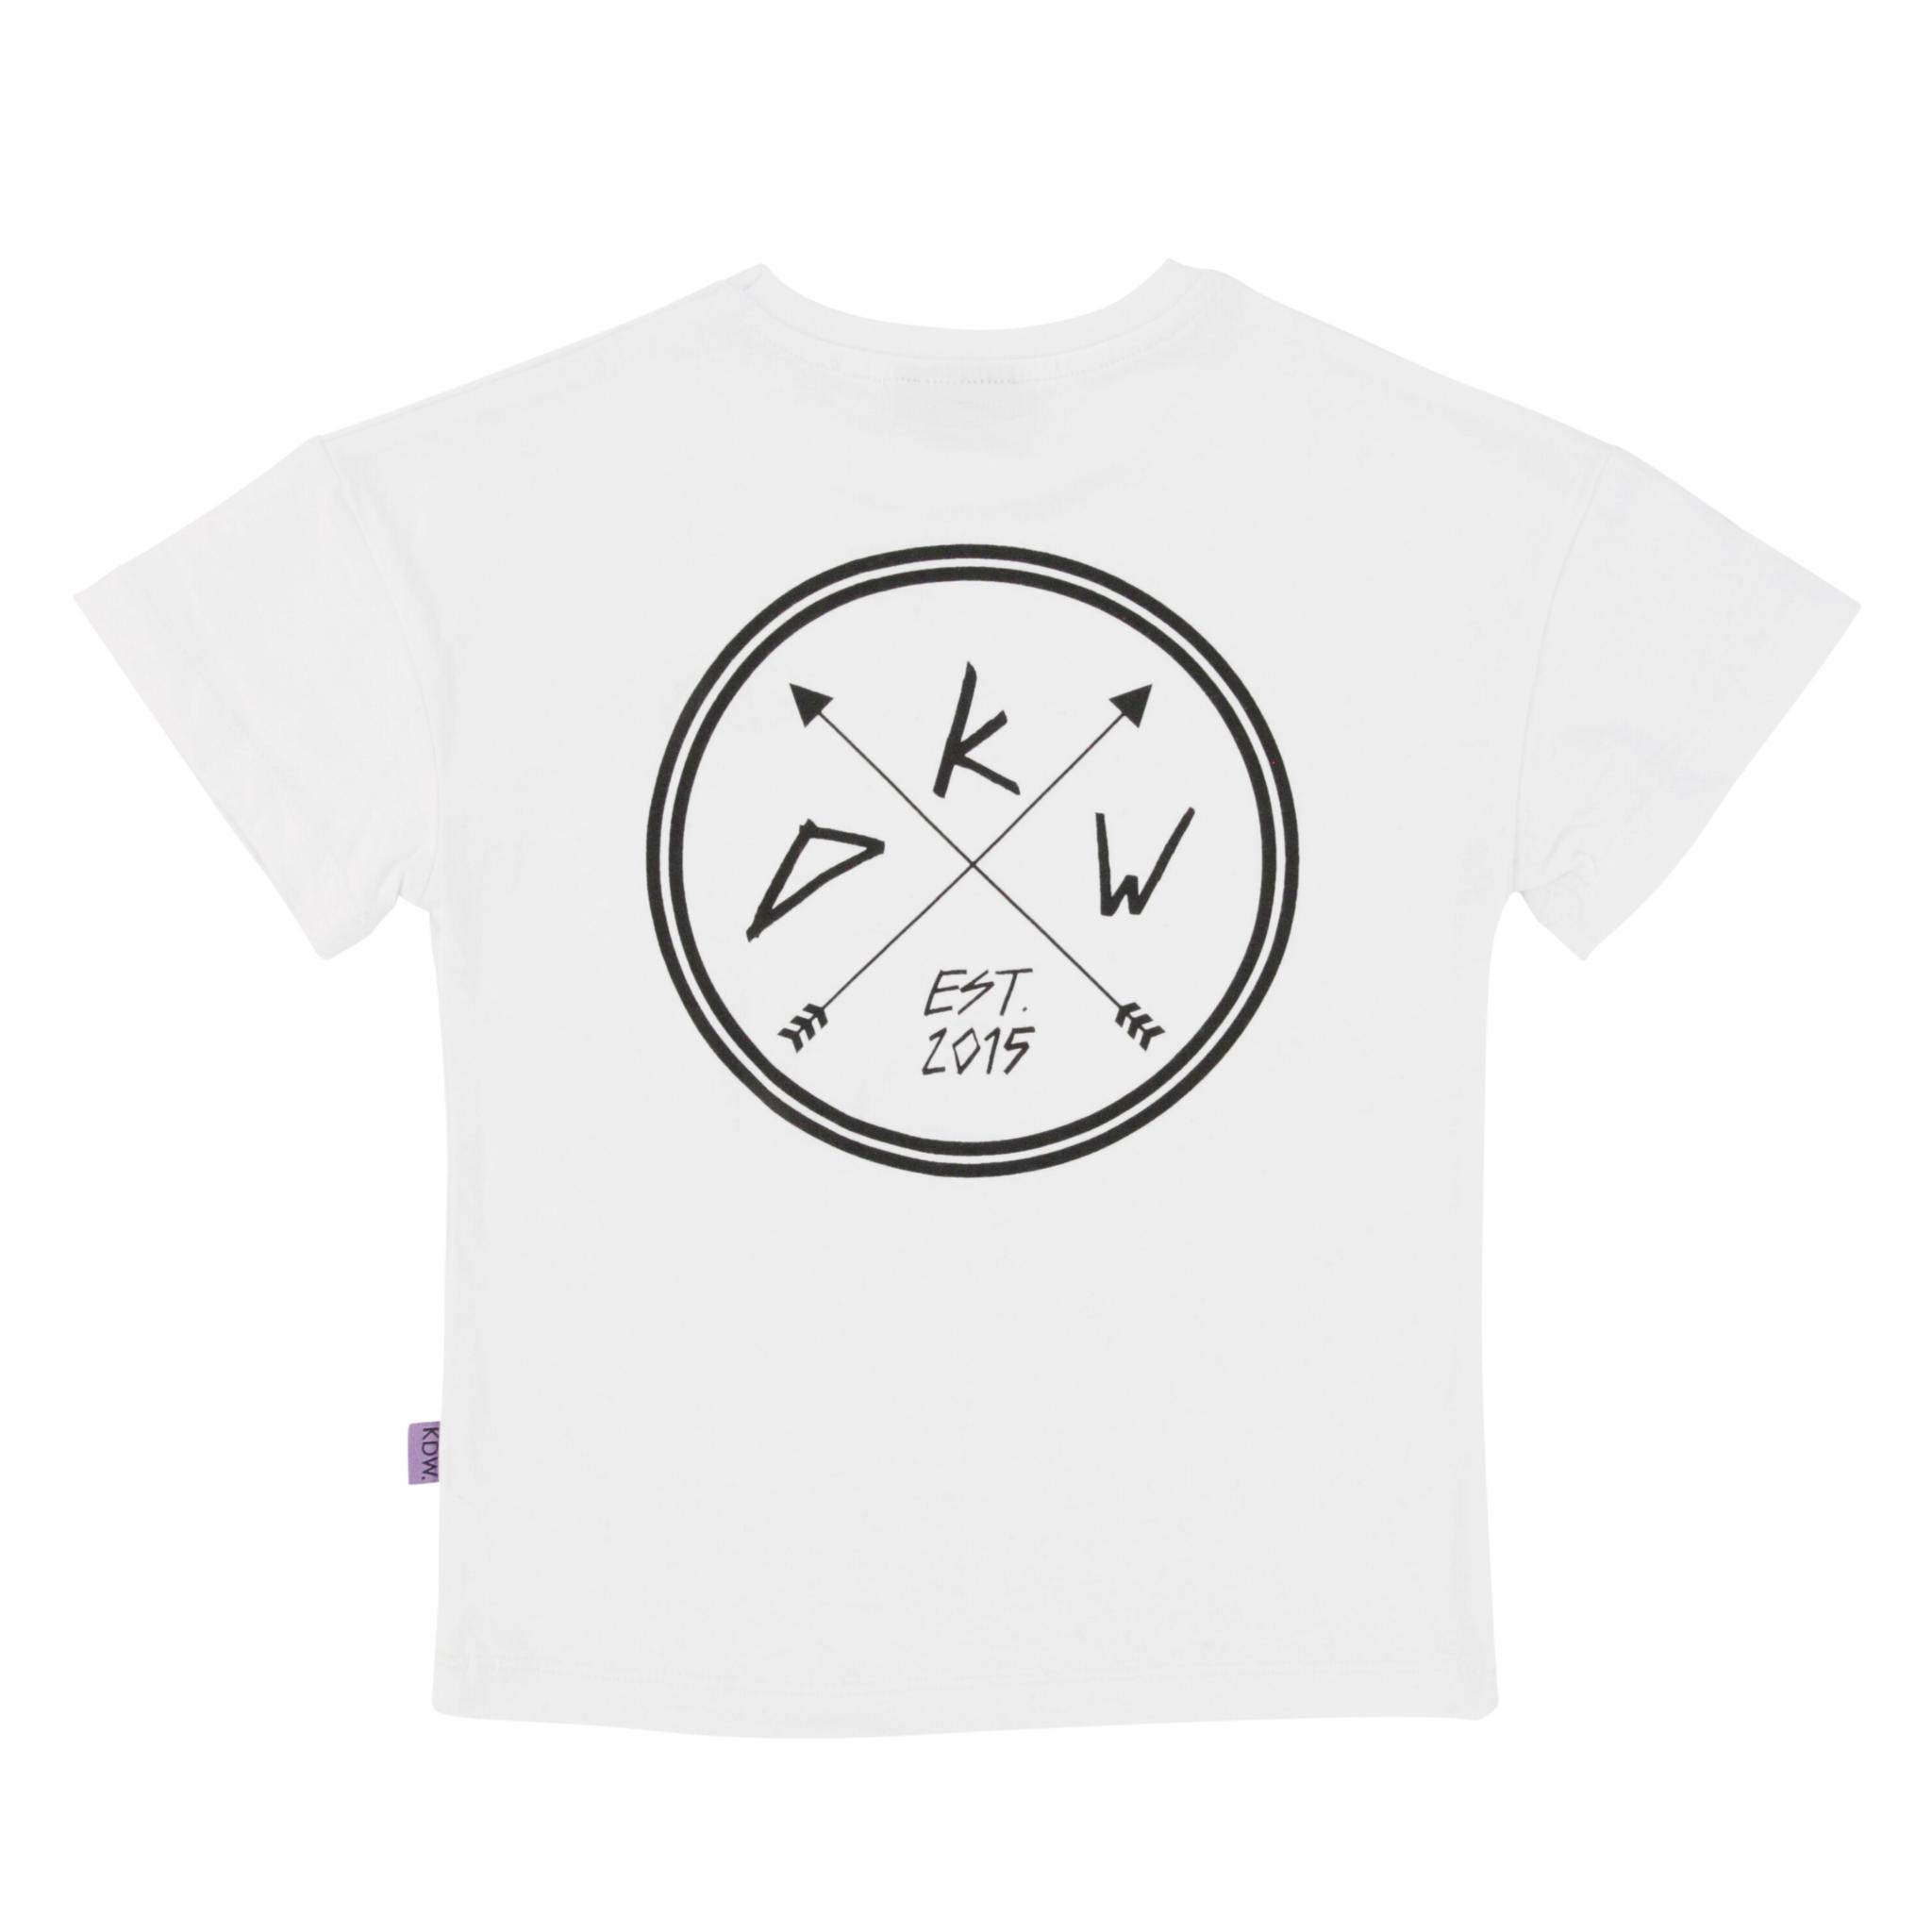 Kiddow OVERSIZED WHITE T-SHIRT | COOL SHIRT FOR CHILDREN | CHILDREN'S CLOTHING